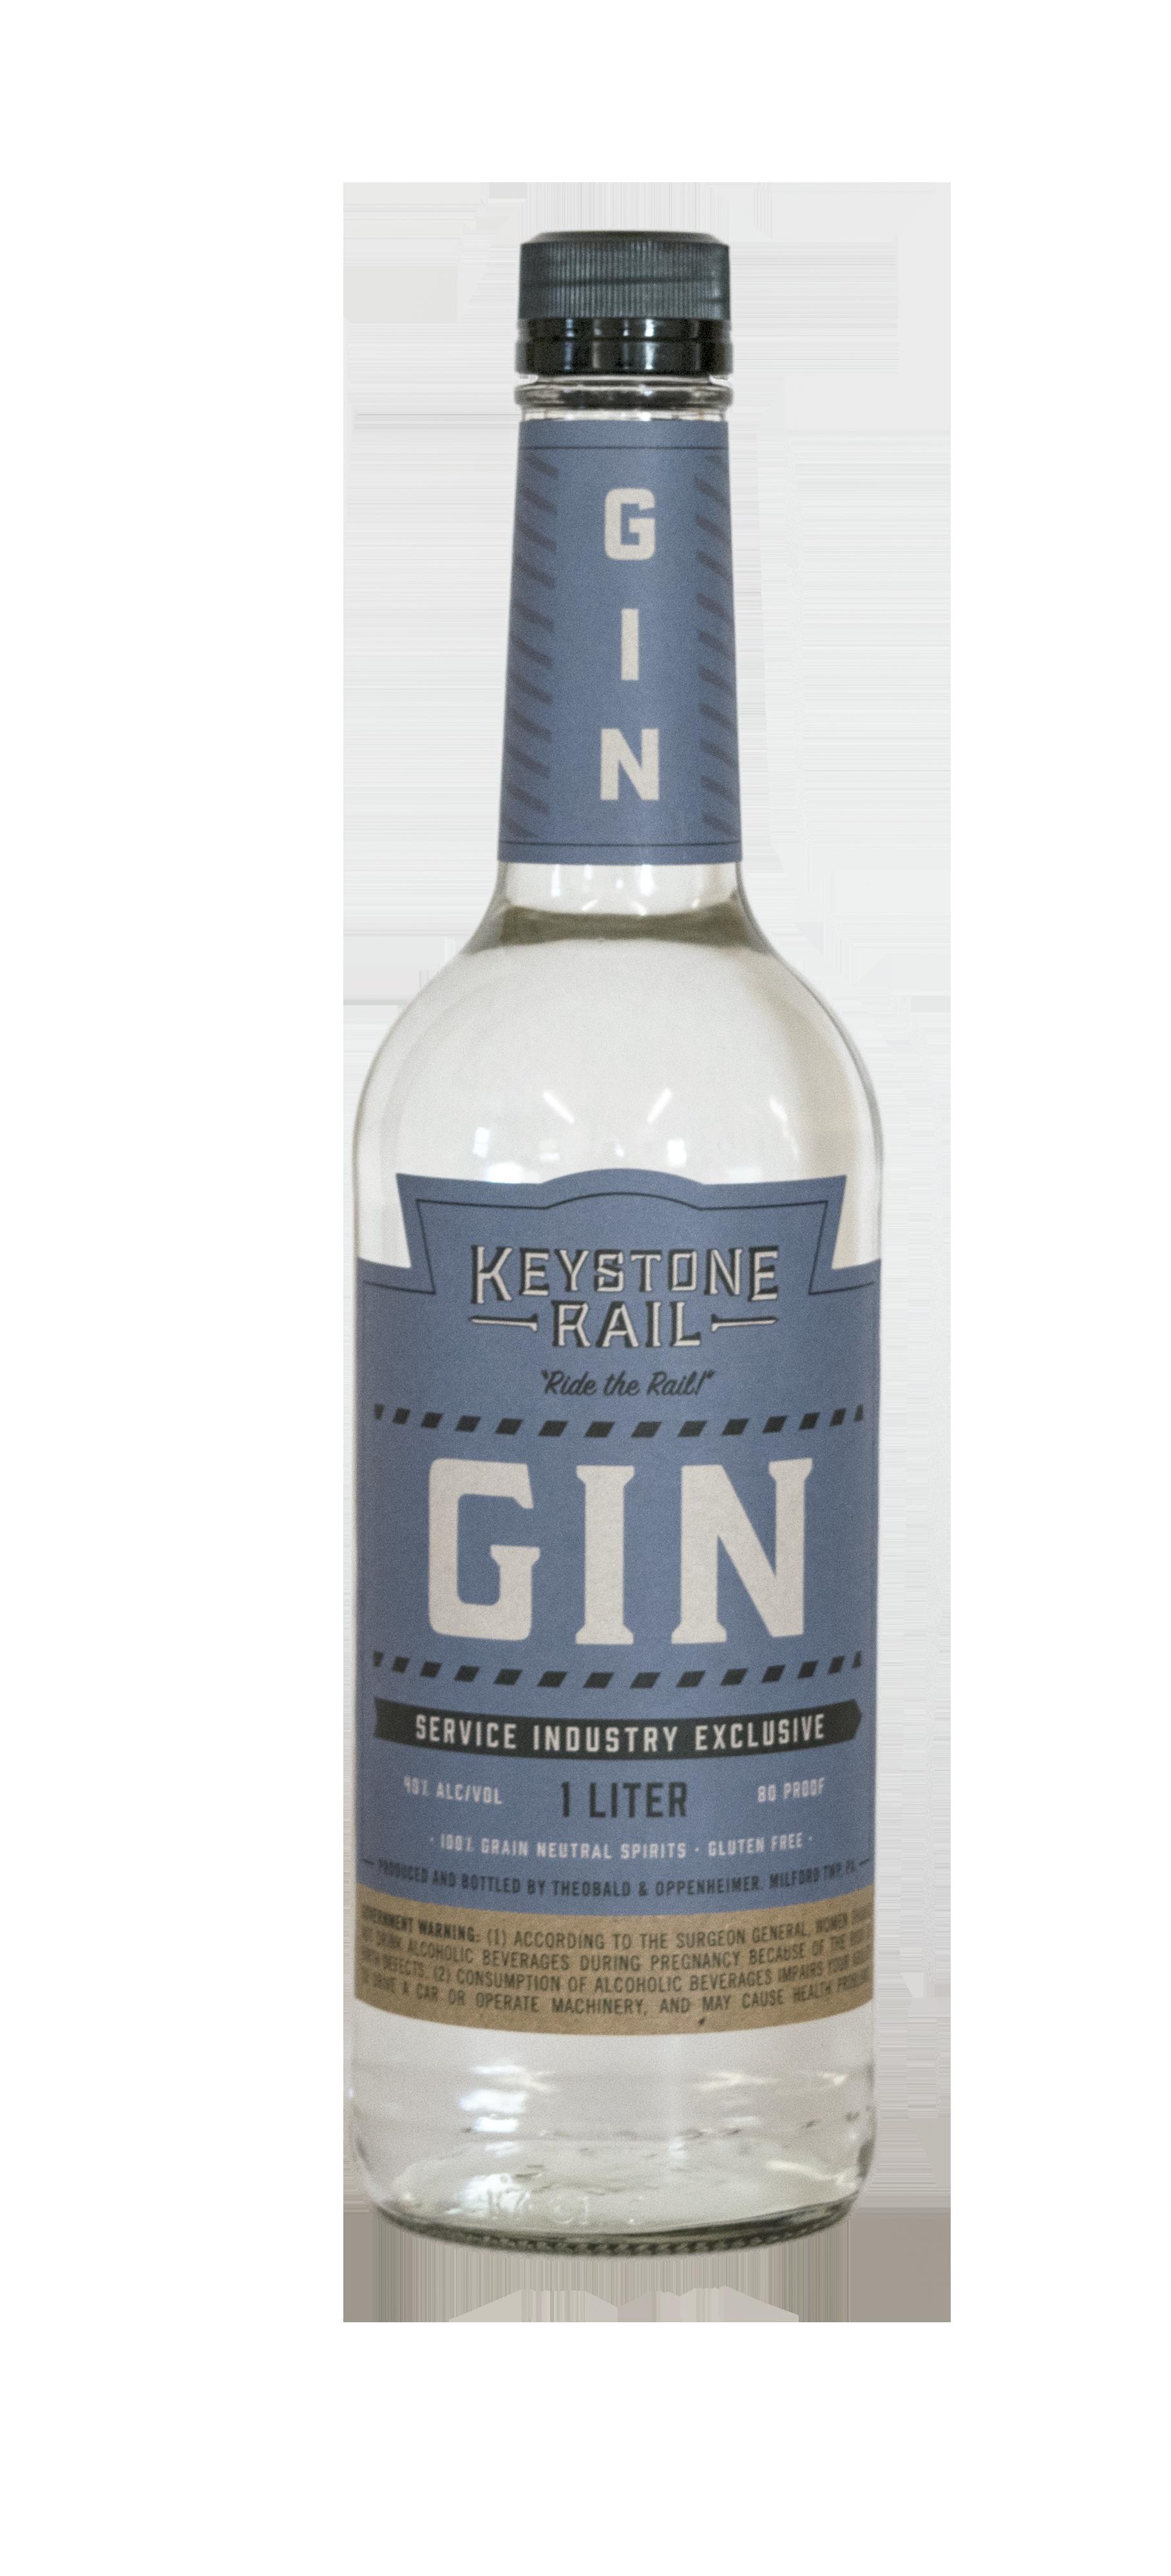 Keystone Rail Gin